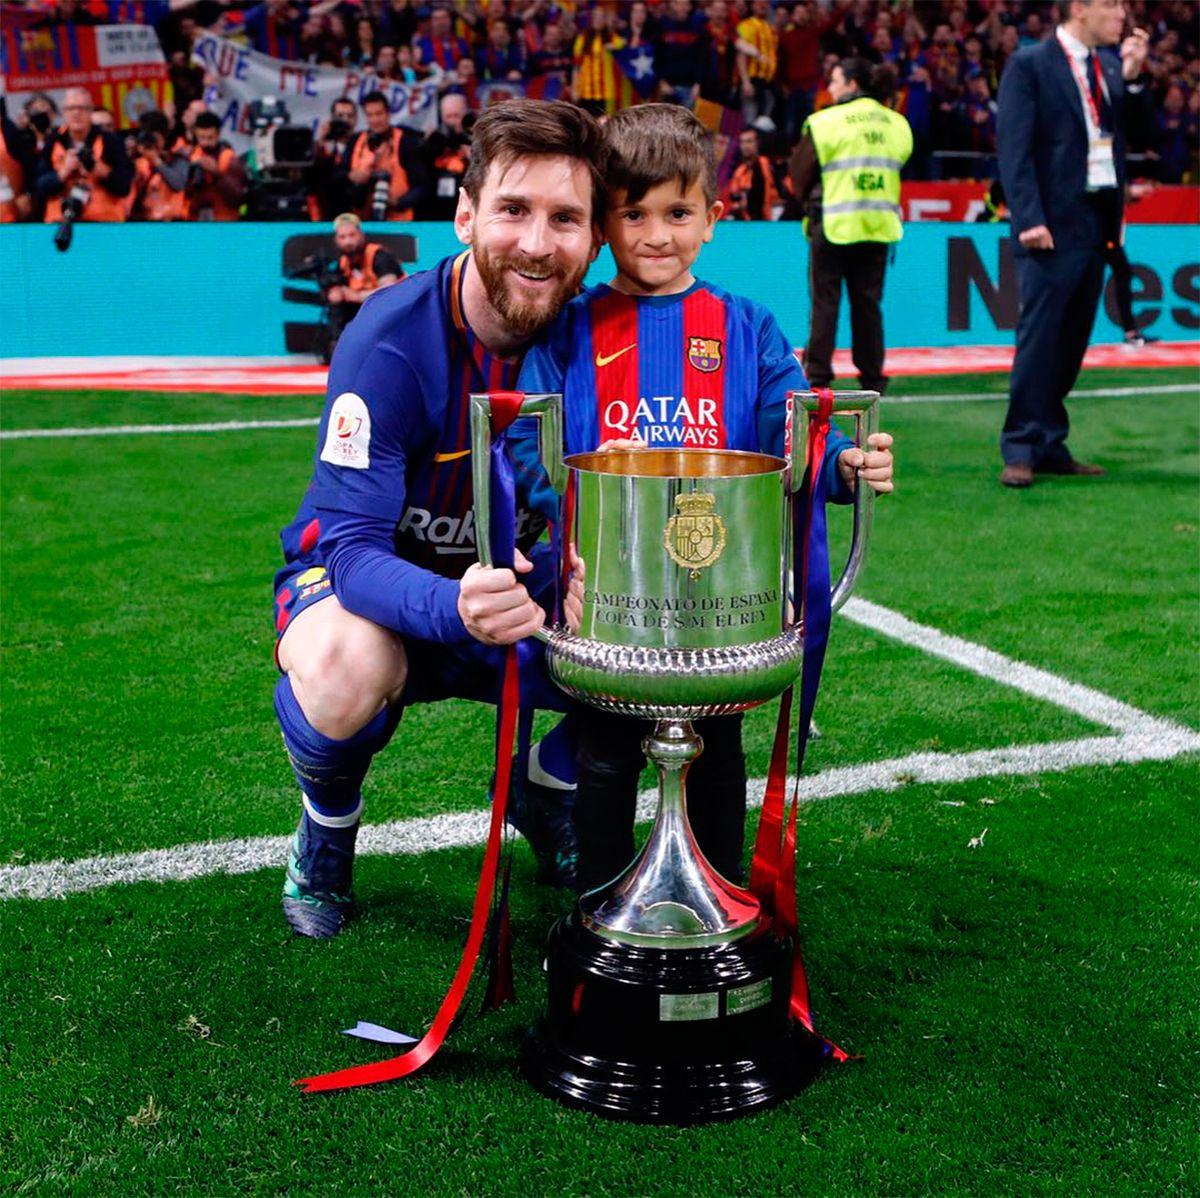 La pregunta de Thiago a Lionel Messi: ¿Por qué te matan en Argentina? ¿Por qué vas a la Selección?